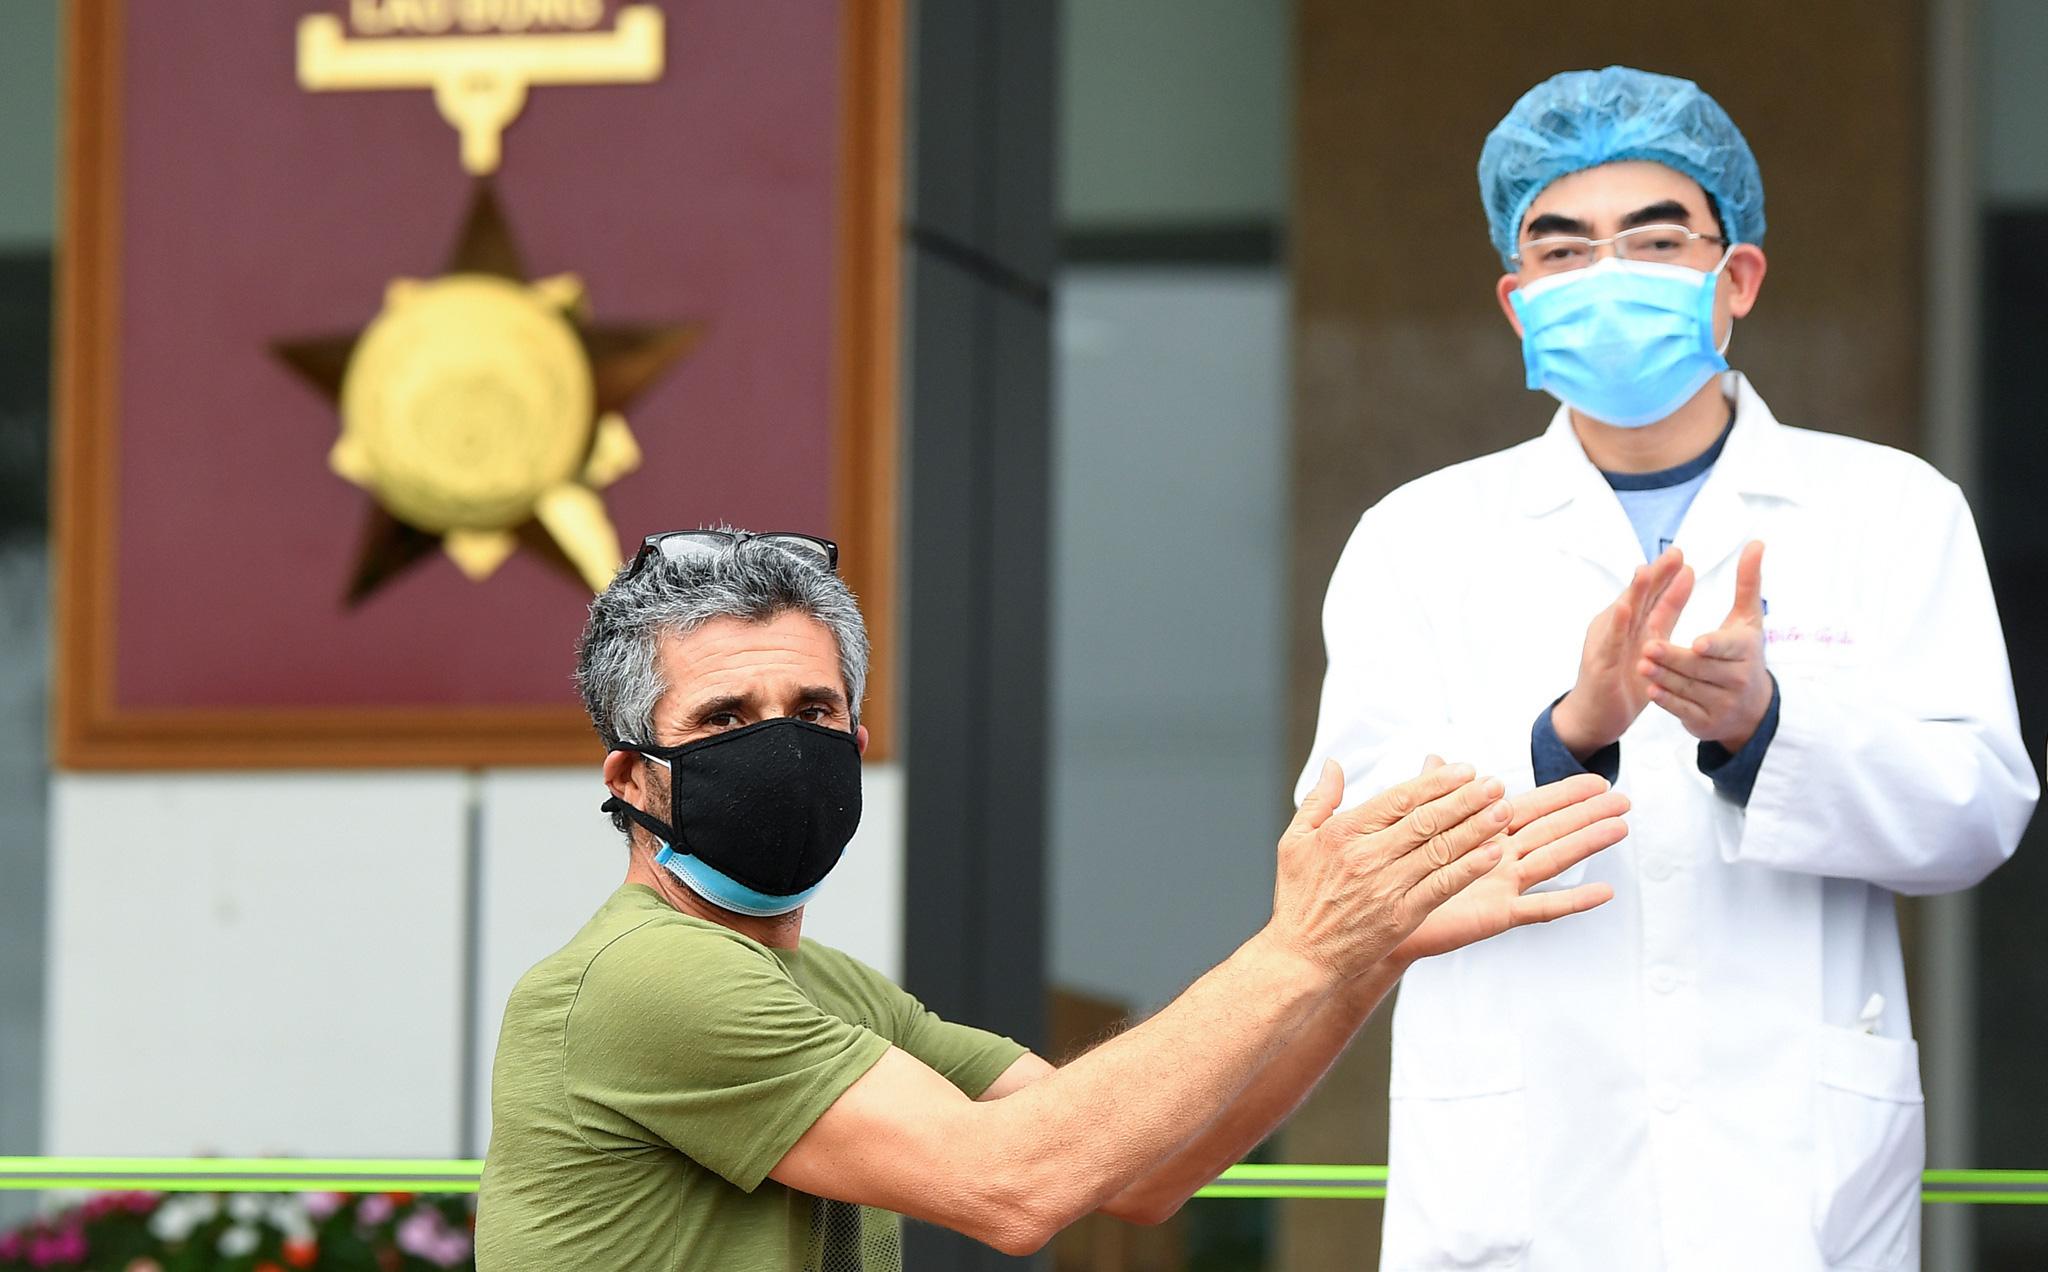 Bệnh nhân người Pháp vỗ tay không ngớt bày tỏ cảm ơn, khen ngợi bác sĩ Việt Nam trong ngày ra viện